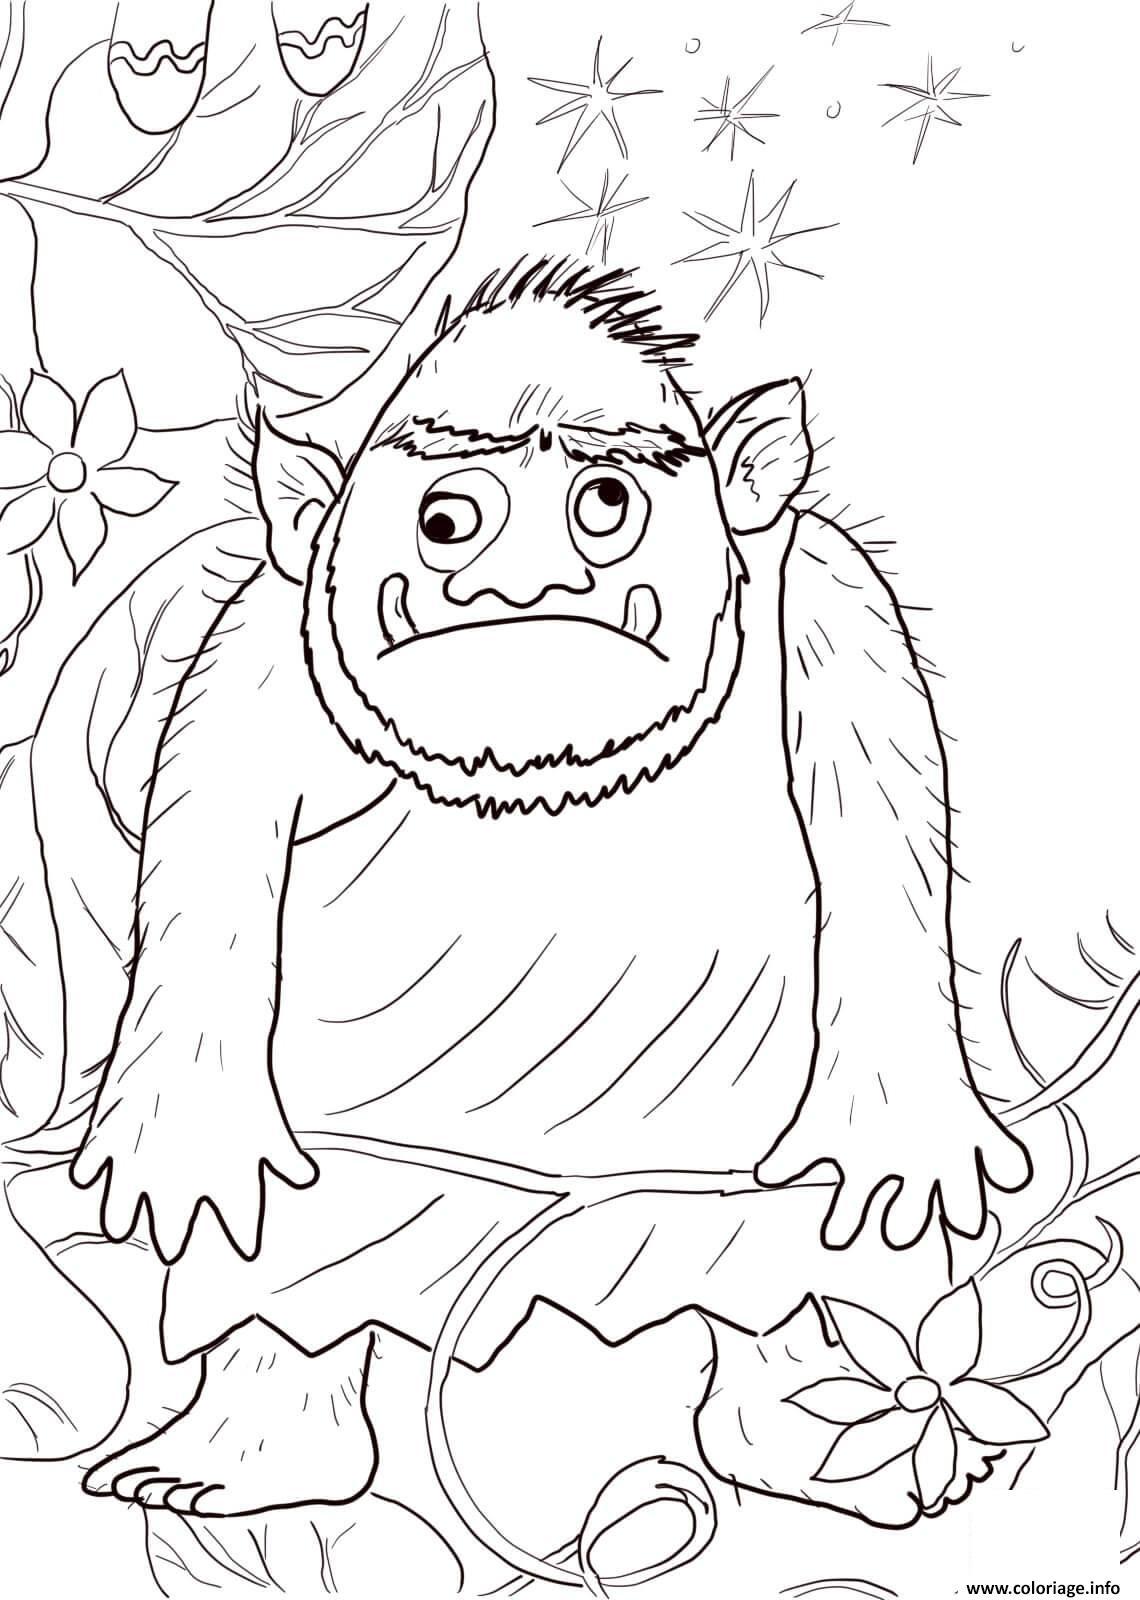 Coloriage Ogre Avec Les Yeux En Haut Et En Bas Jecolorie Com